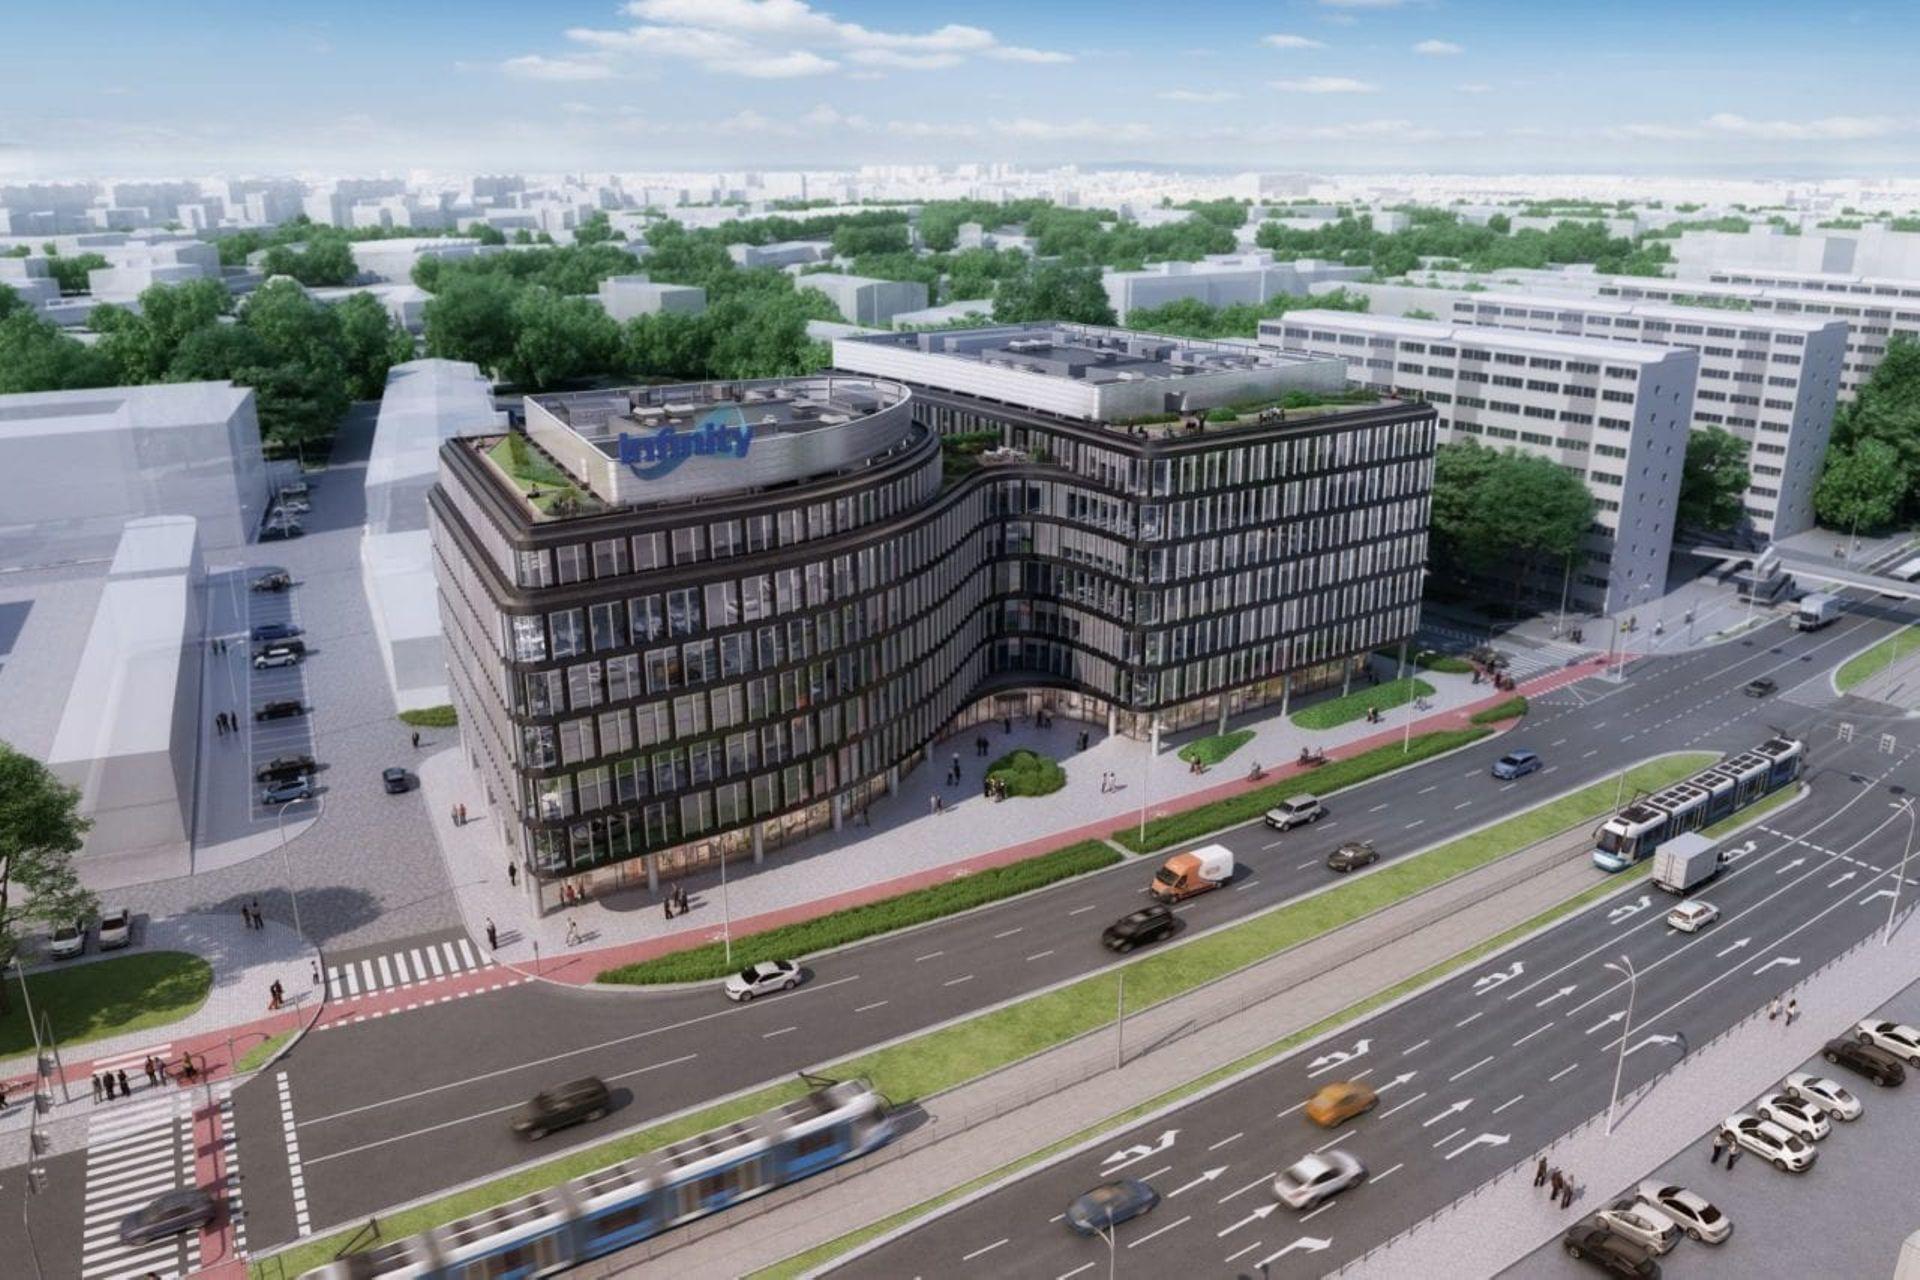 Na Placu Jana Pawła II trwa budowa nowego biurowca [ZDJĘCIA + WIZUALIZACJE]